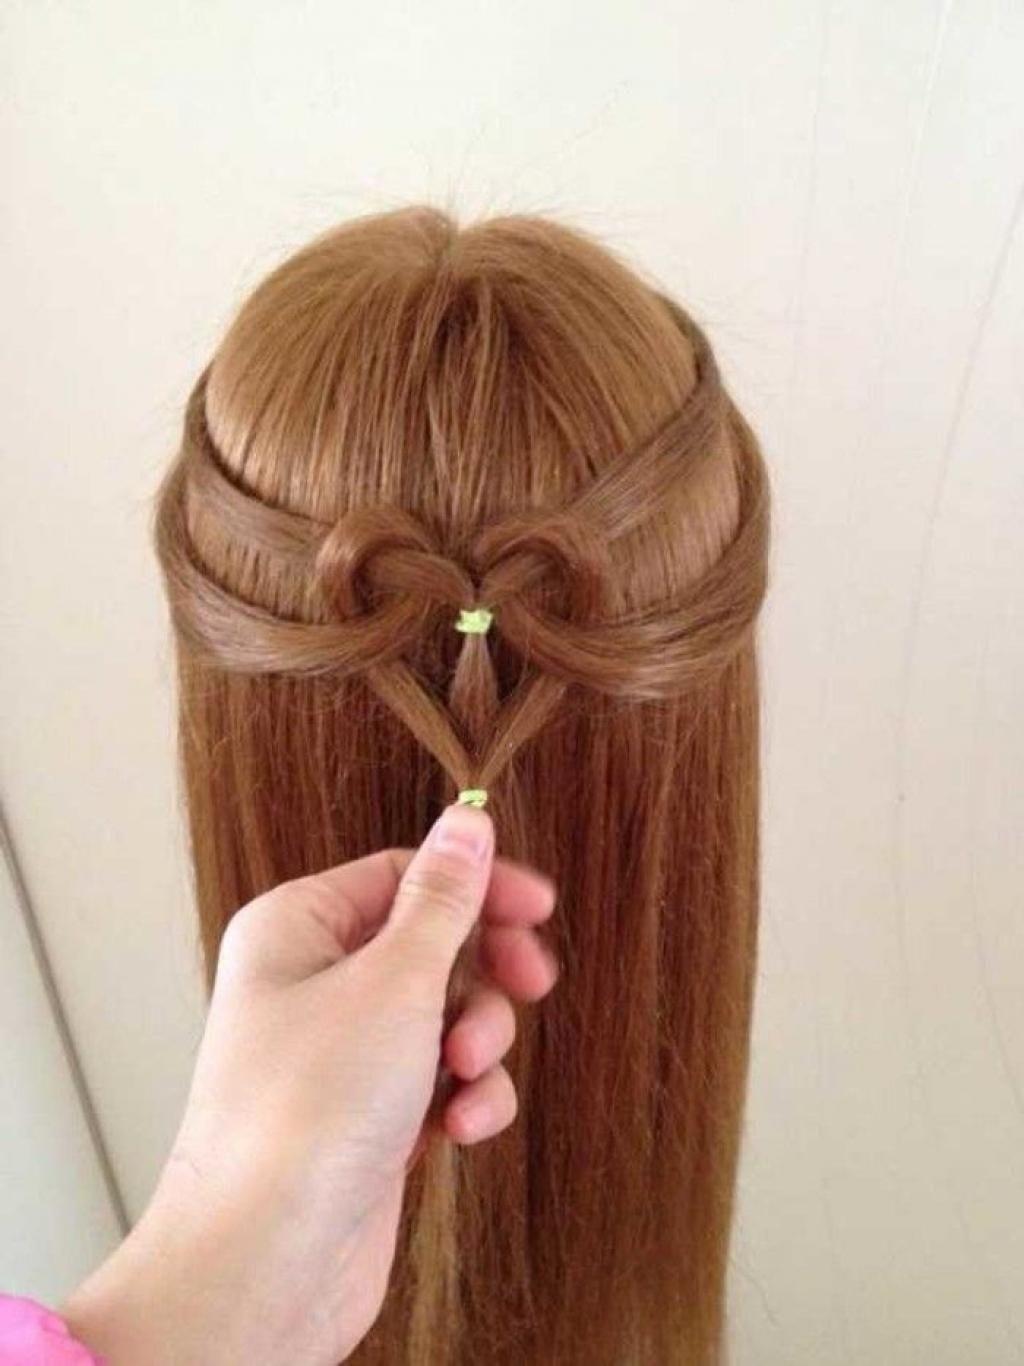 Toutes ces coiffures sont idéales pour souligner cette journée bien